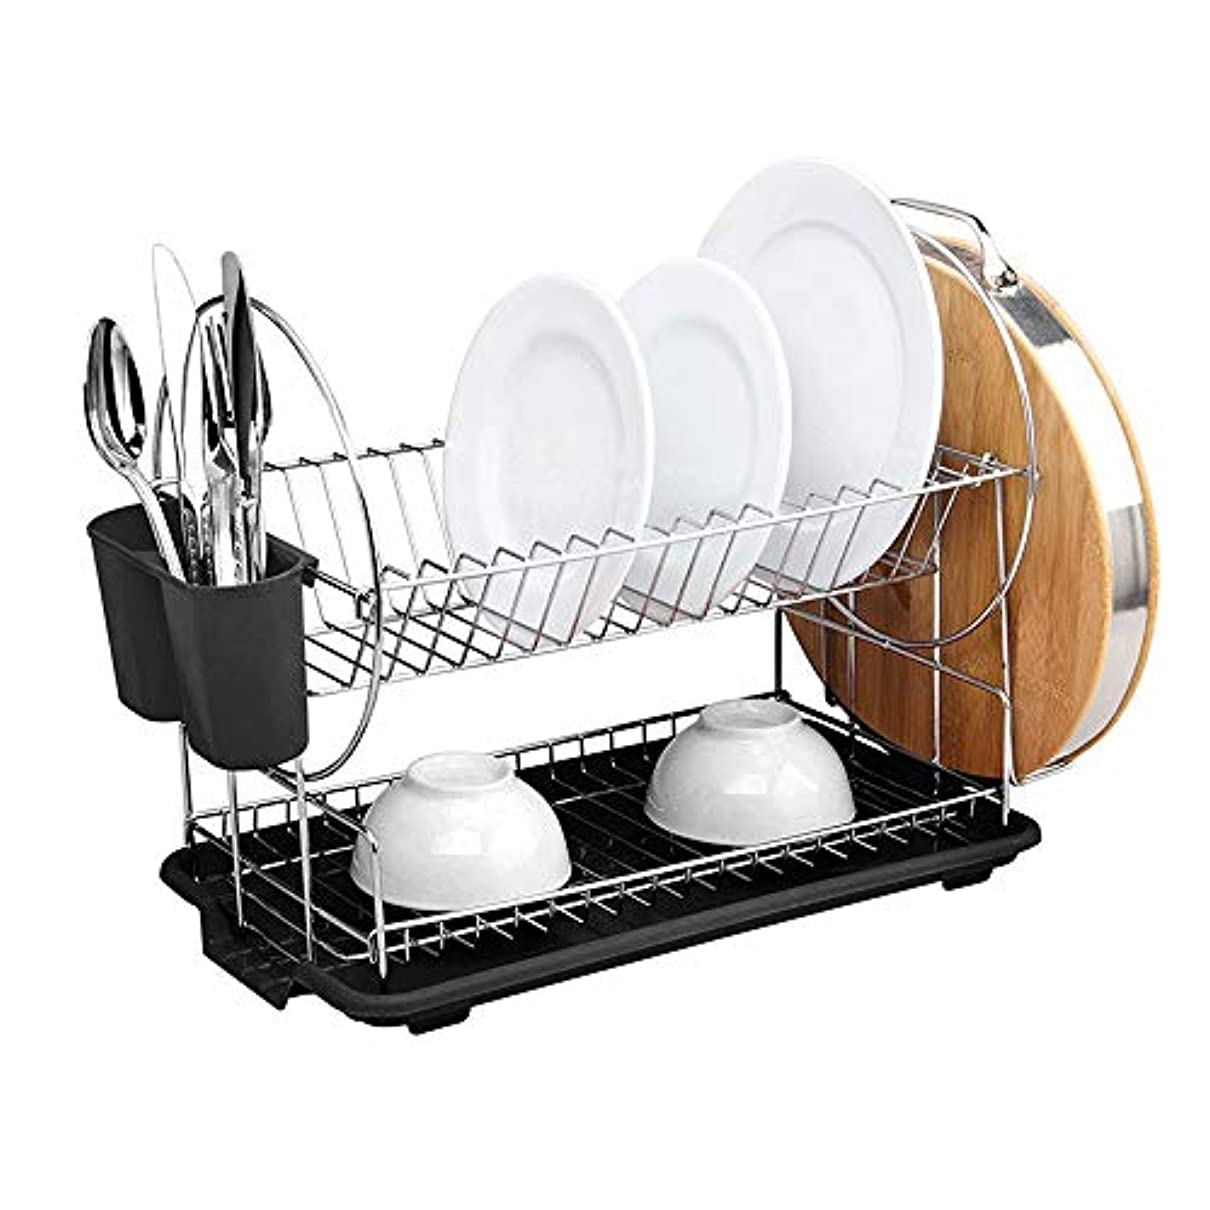 反対に地球水切り板/カトラリーカップの大容量の流し皿の乾燥の棚が付いているデラックスなステンレス鋼2層の皿の棚